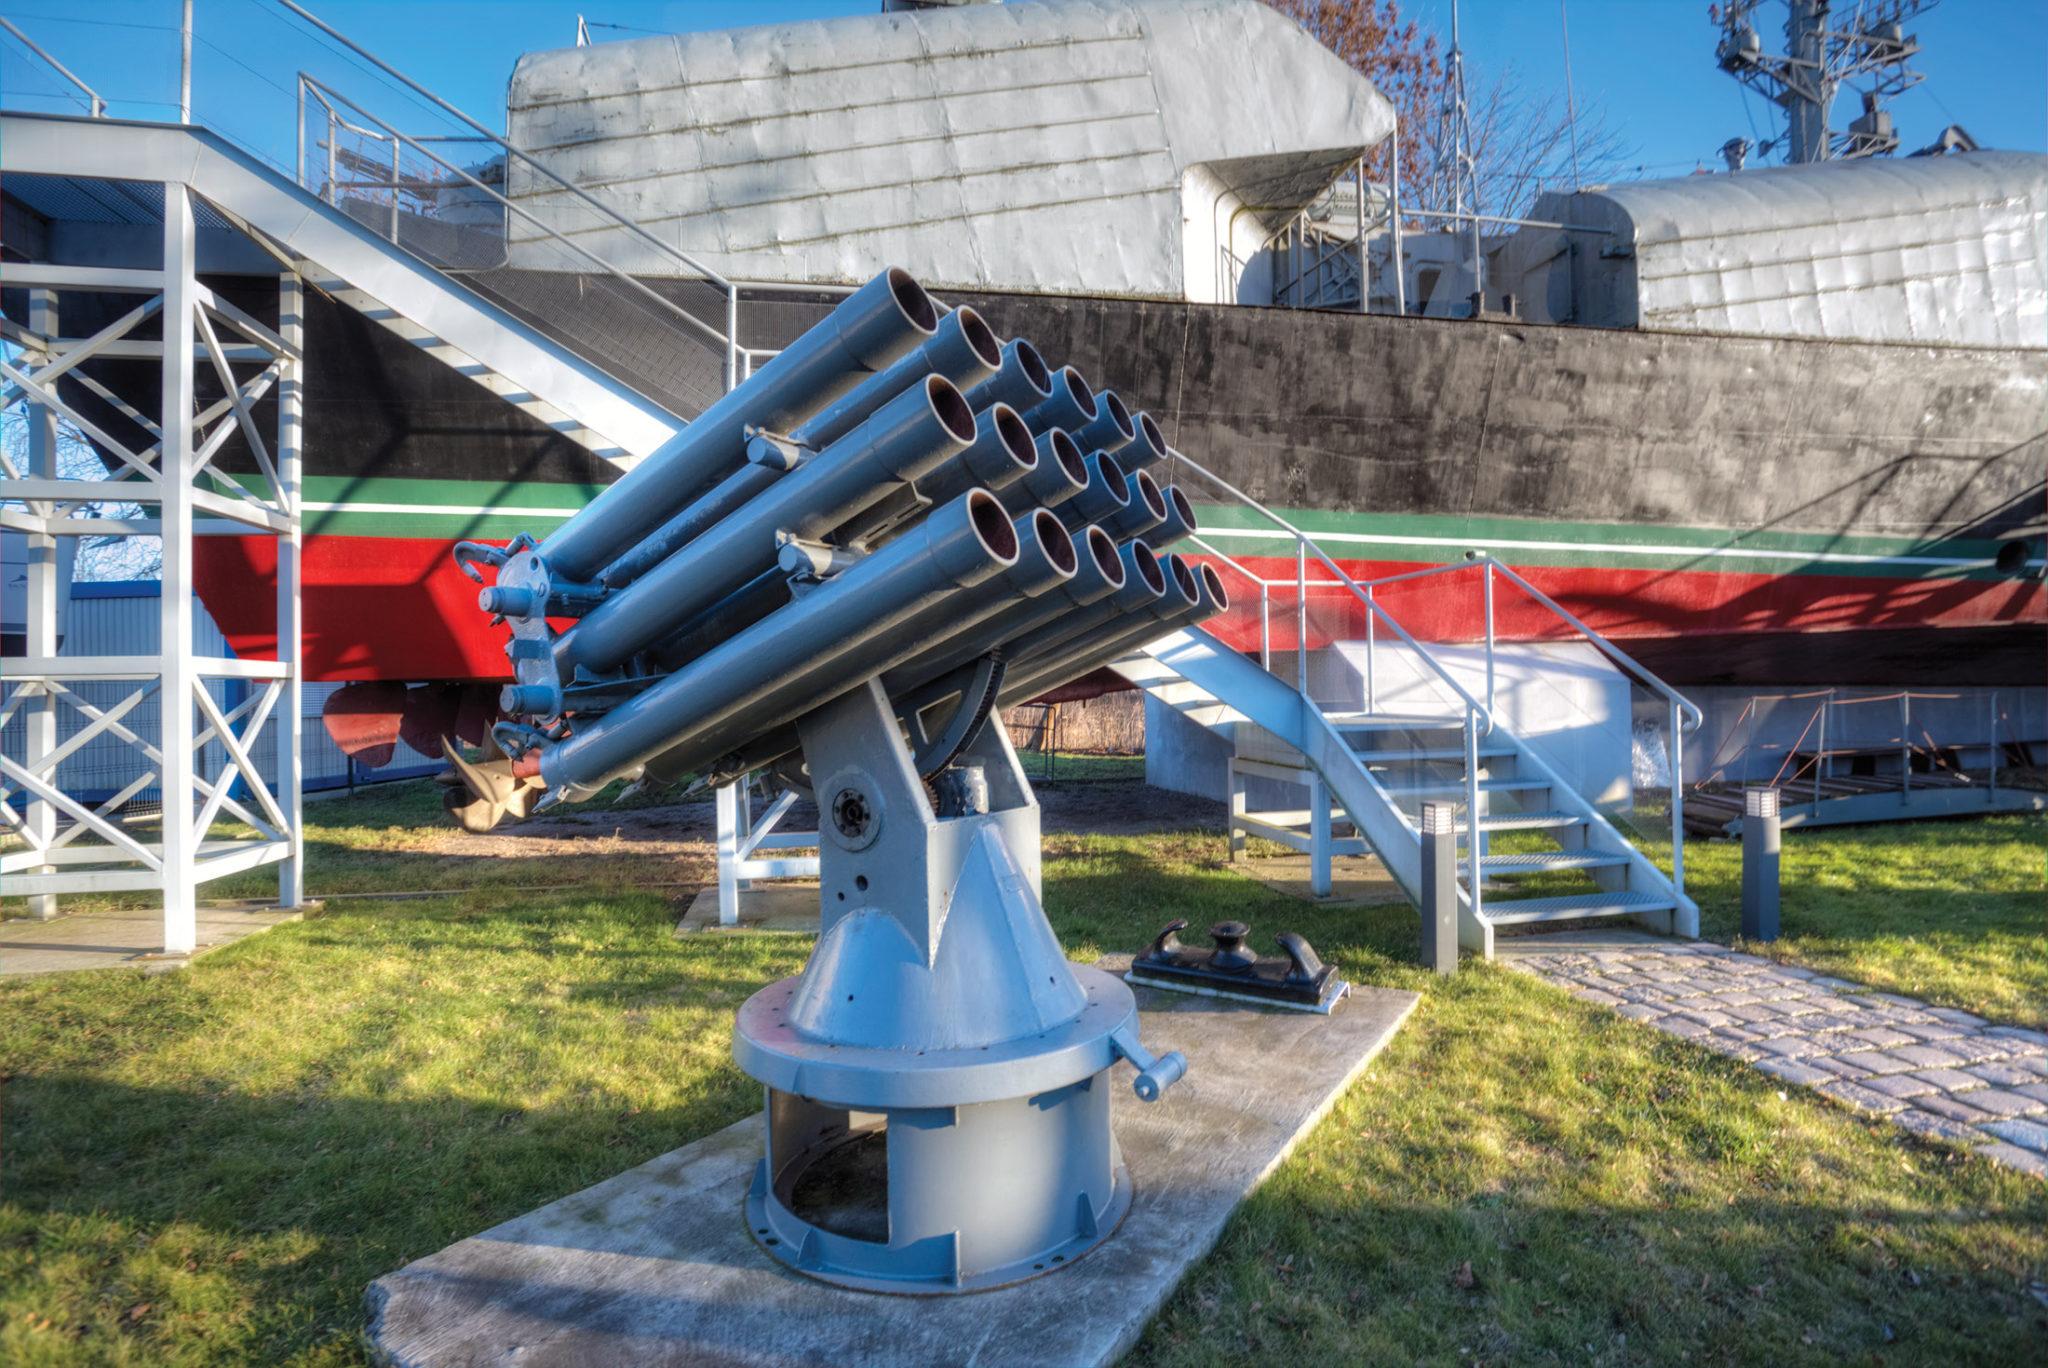 Jeden z ciekawszych eksponatów prezentowanych na wystawie przy ul. Bałtyckiej w Kołobrzegu – polska wyrzutnia rakietowa WM-18 z okresu tzw. zimnej wojny (Fot. A. Rutkowski/Archiwum MOP w Kołobrzegu).